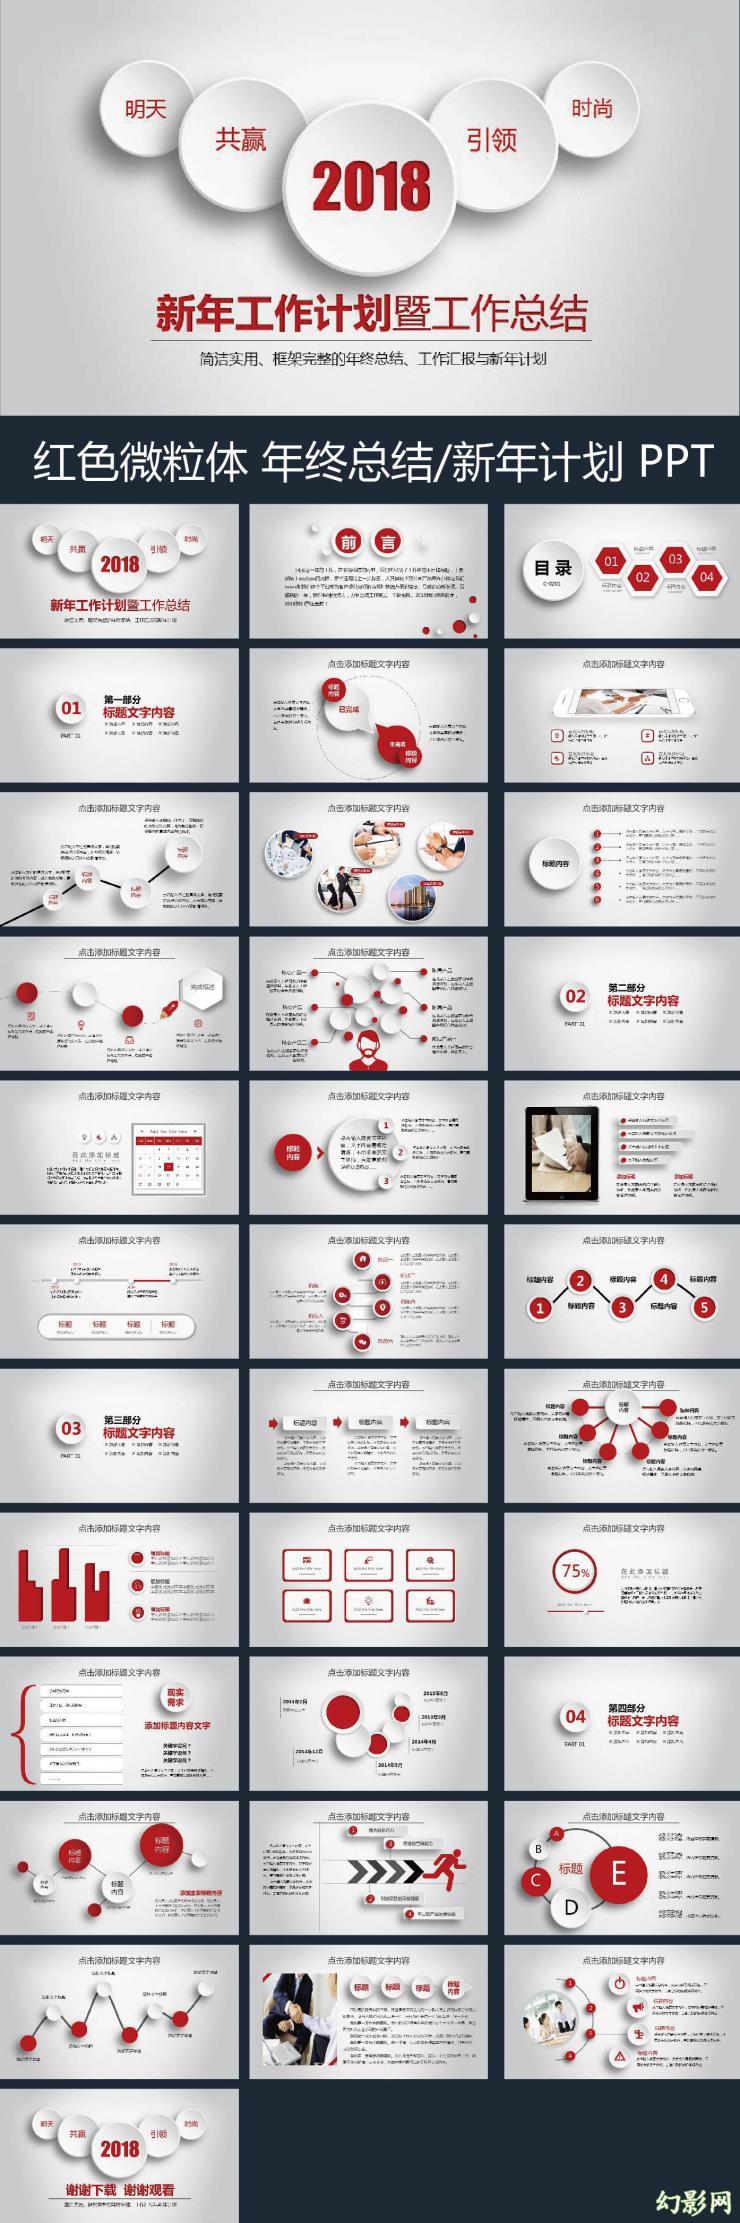 红色上半年工作总结年中工作总结